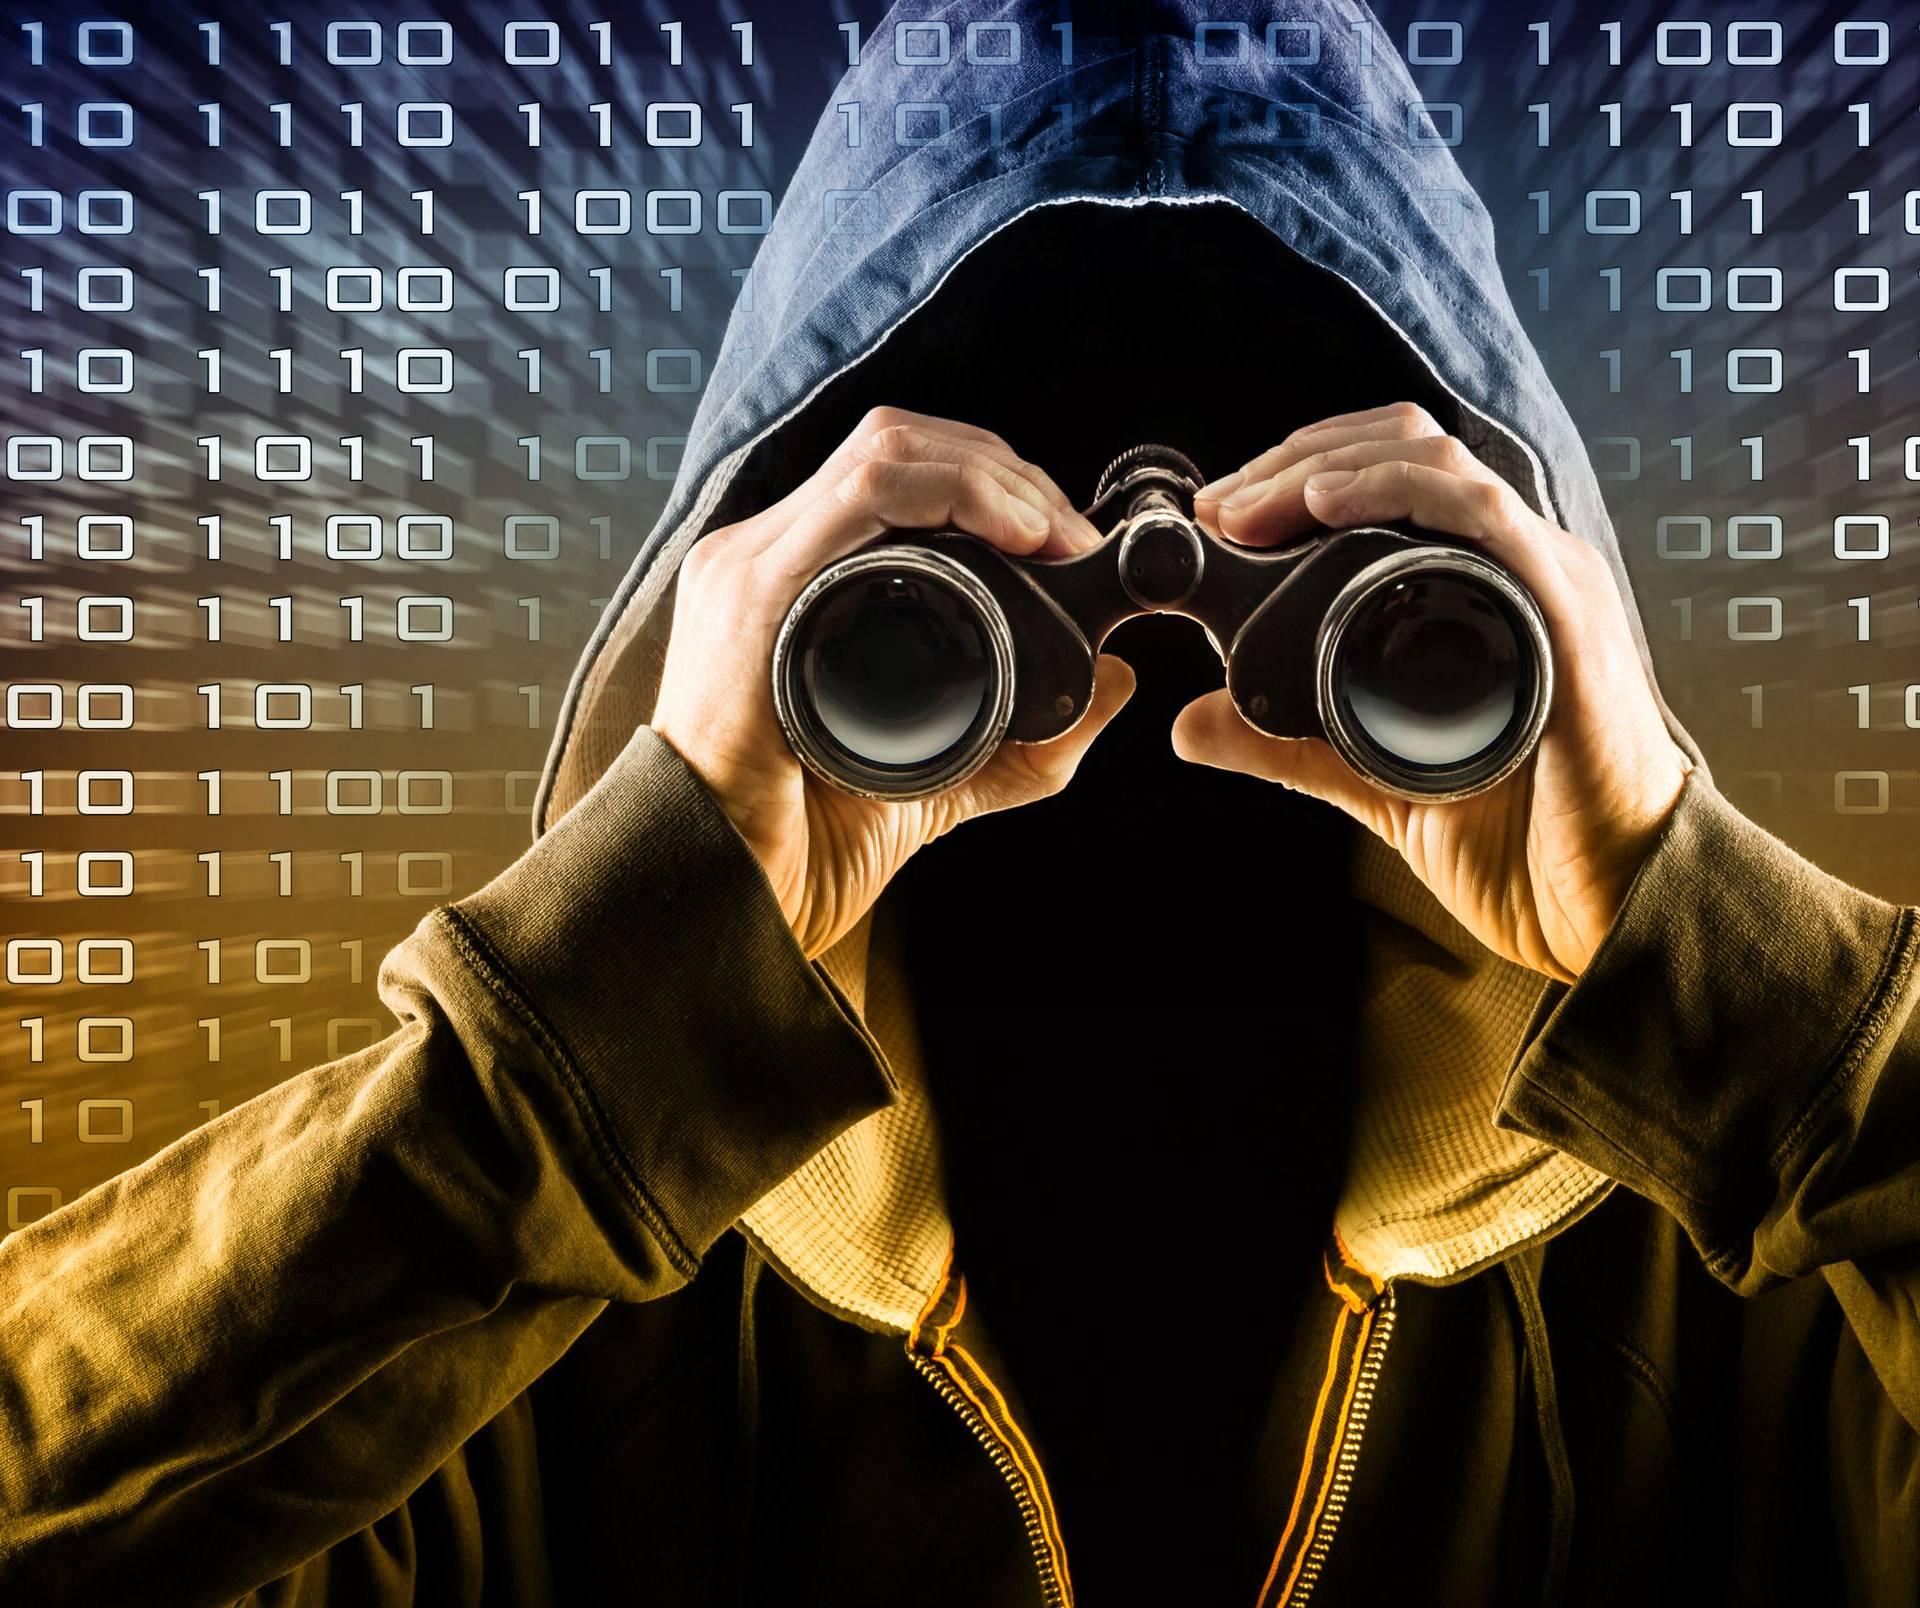 'Zalijepite kameru, hakeri vas gledaju preko pametnih TV-a'